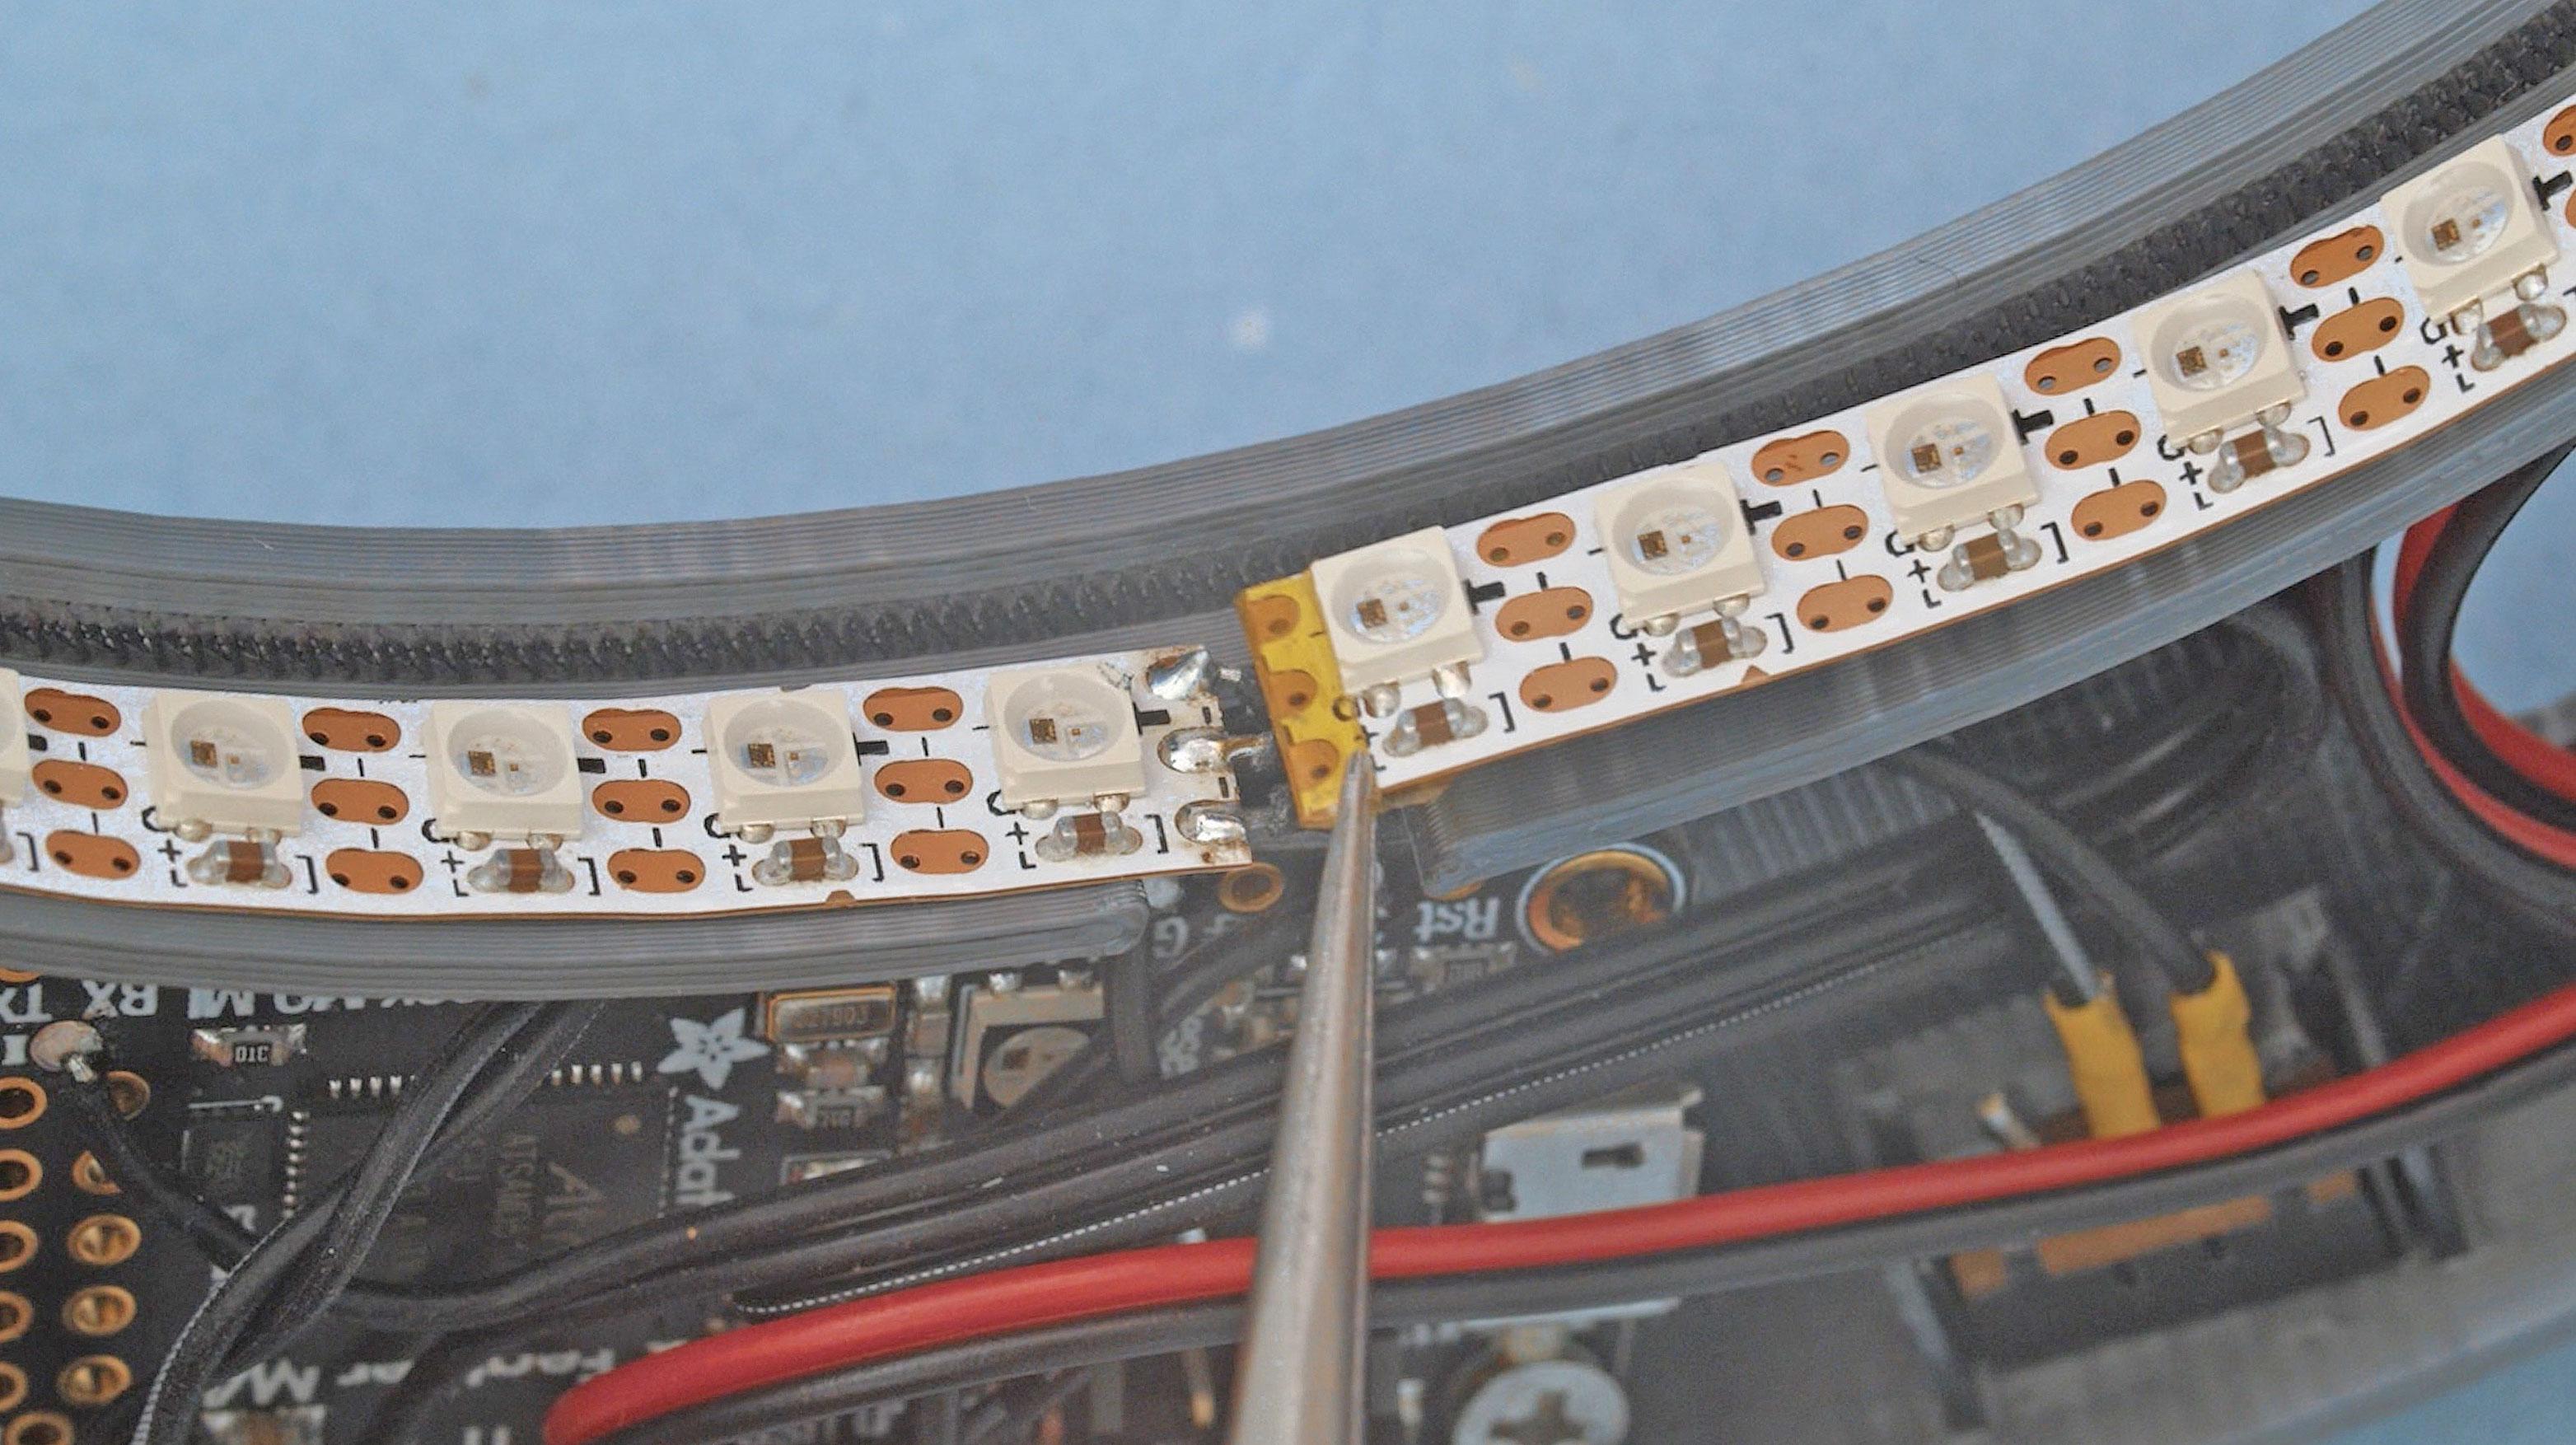 led_pixels_strip-kapton-ends.jpg